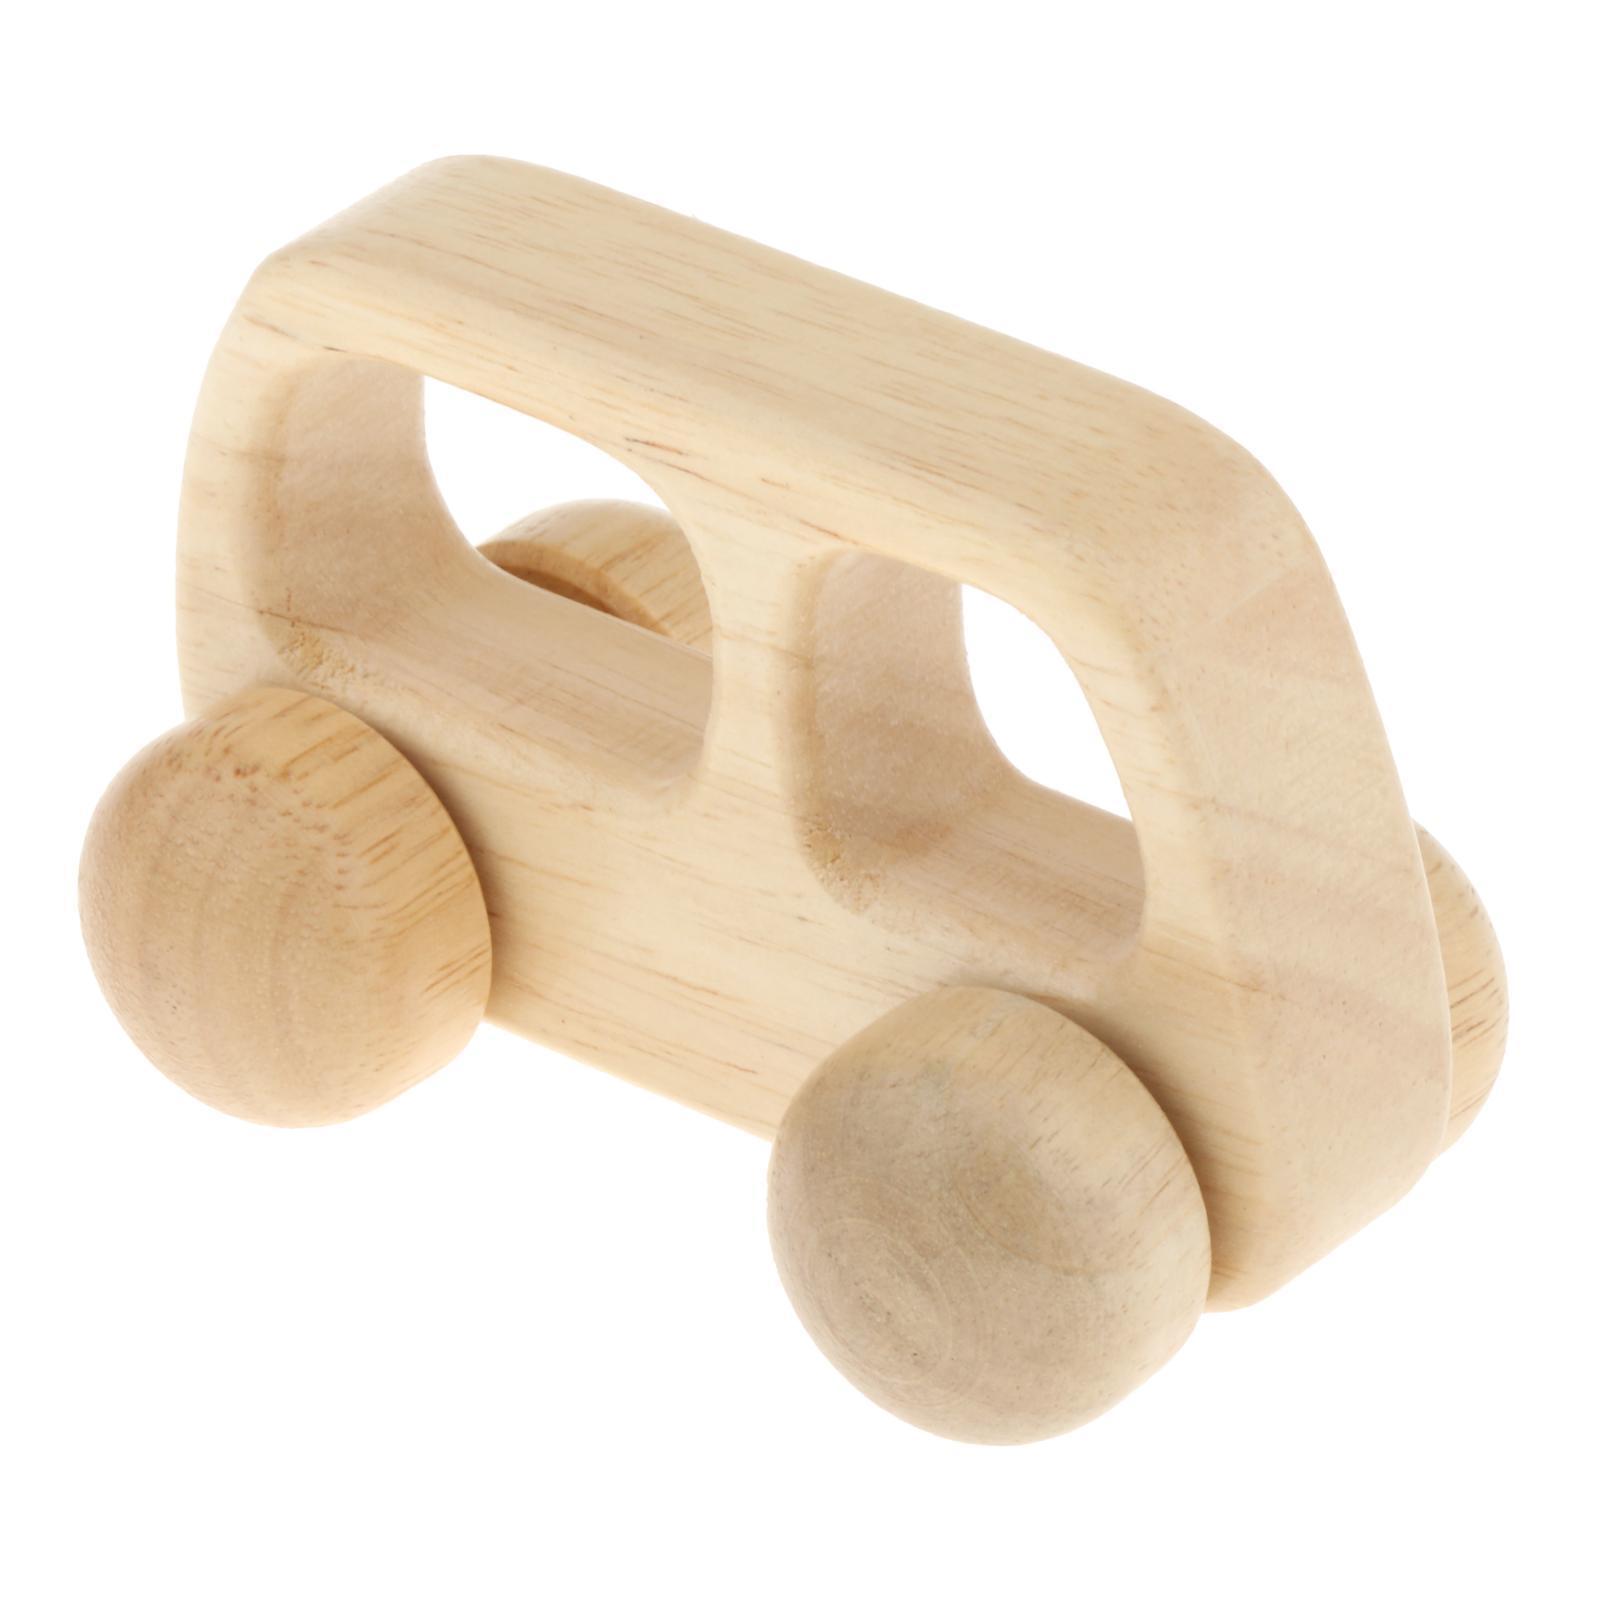 Fatti-a-mano-Giocattoli-di-Legno-Blocchi-di-Auto-Del-Fumetto-di-Attivita miniatura 5